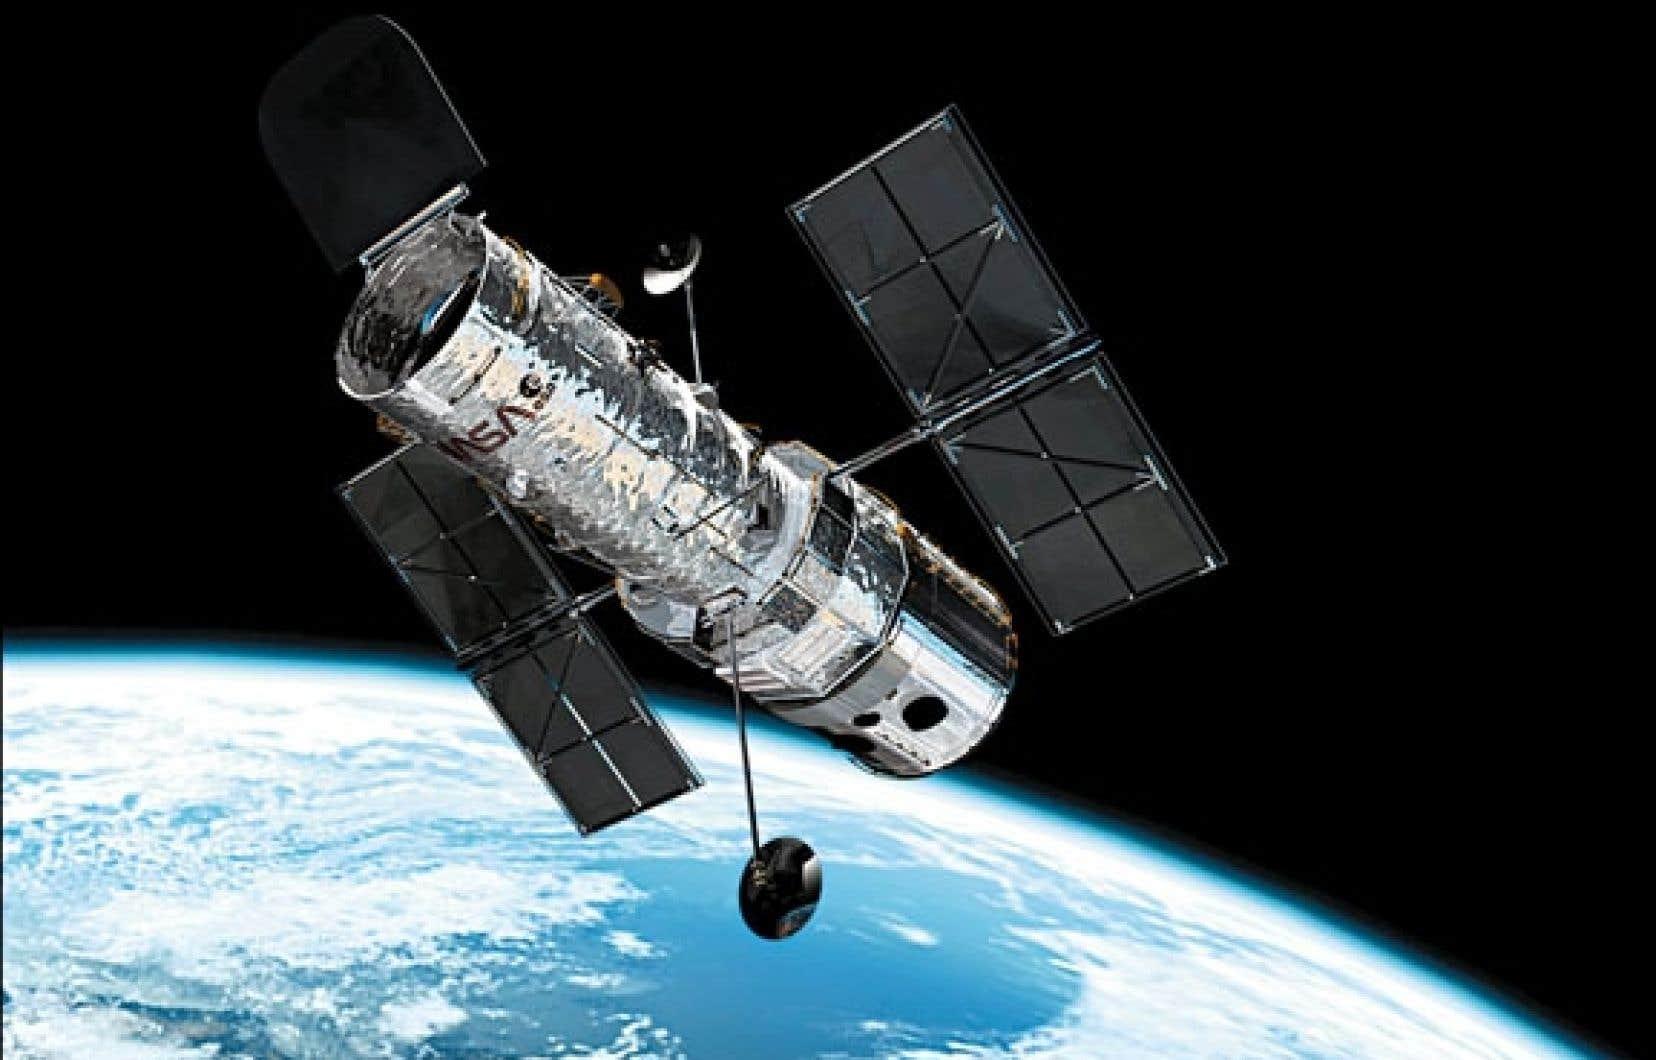 Les dernières observations du téléscope spatial Hubble atteignent les limites de ses capacités. Il faudra attendre le lancement du télescope James Webb en 2018 avant d'obtenir un portrait plus net des débuts de l'Univers.